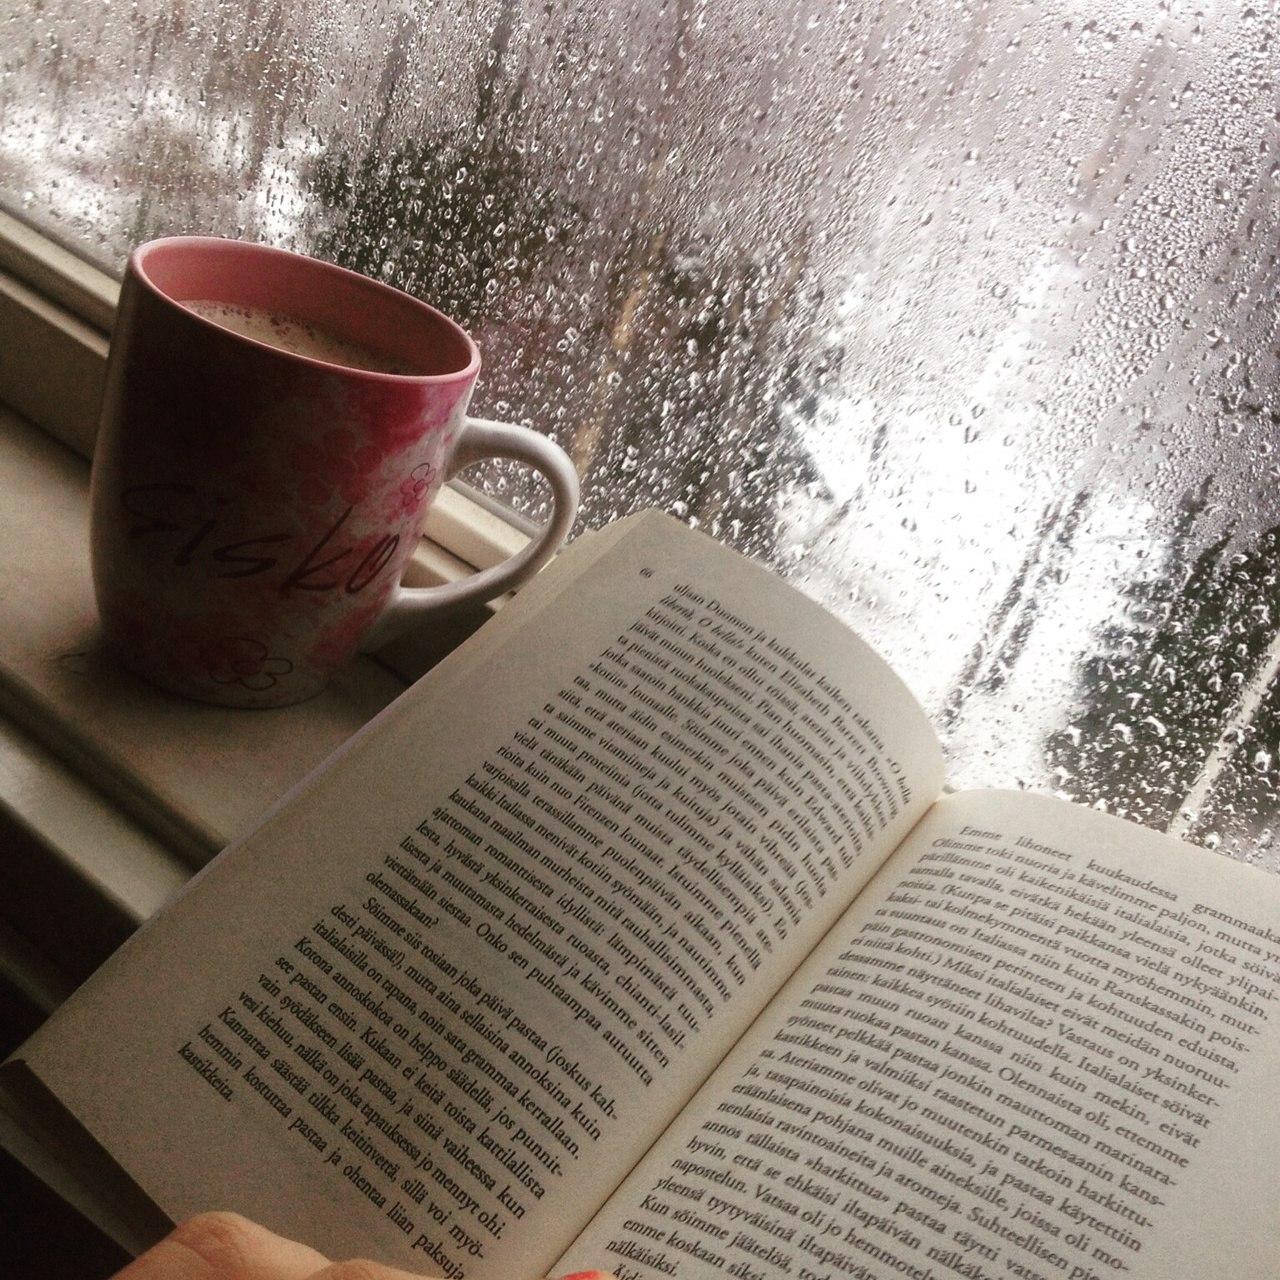 Какую книгу почитать, чтобы поднять себе настроение?